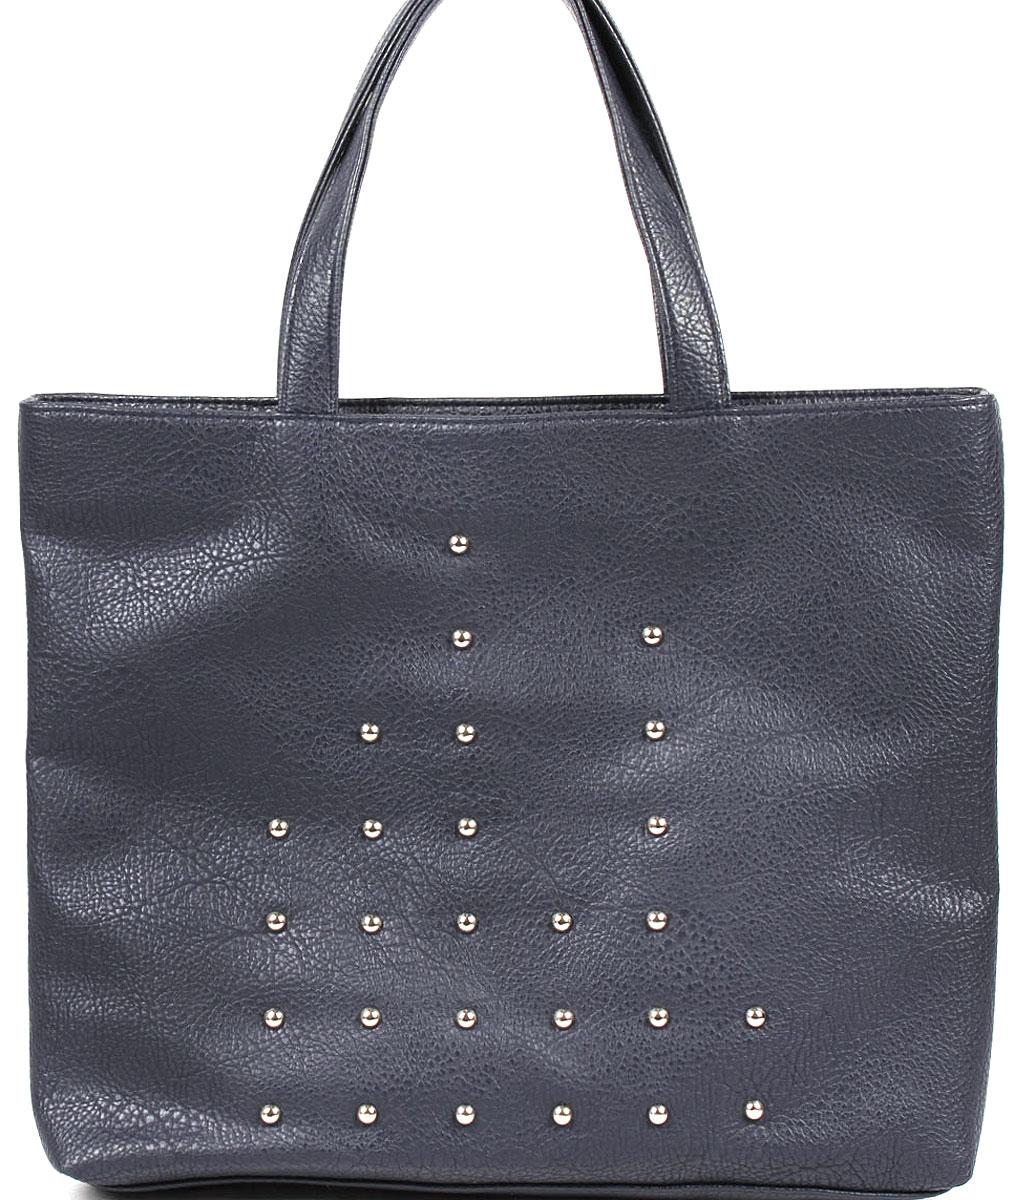 Сумка-шоппер женская Медведково, цвет: темно-синий. 16с3492-к14 потолочный светодиодный светильник sonex 1233 al